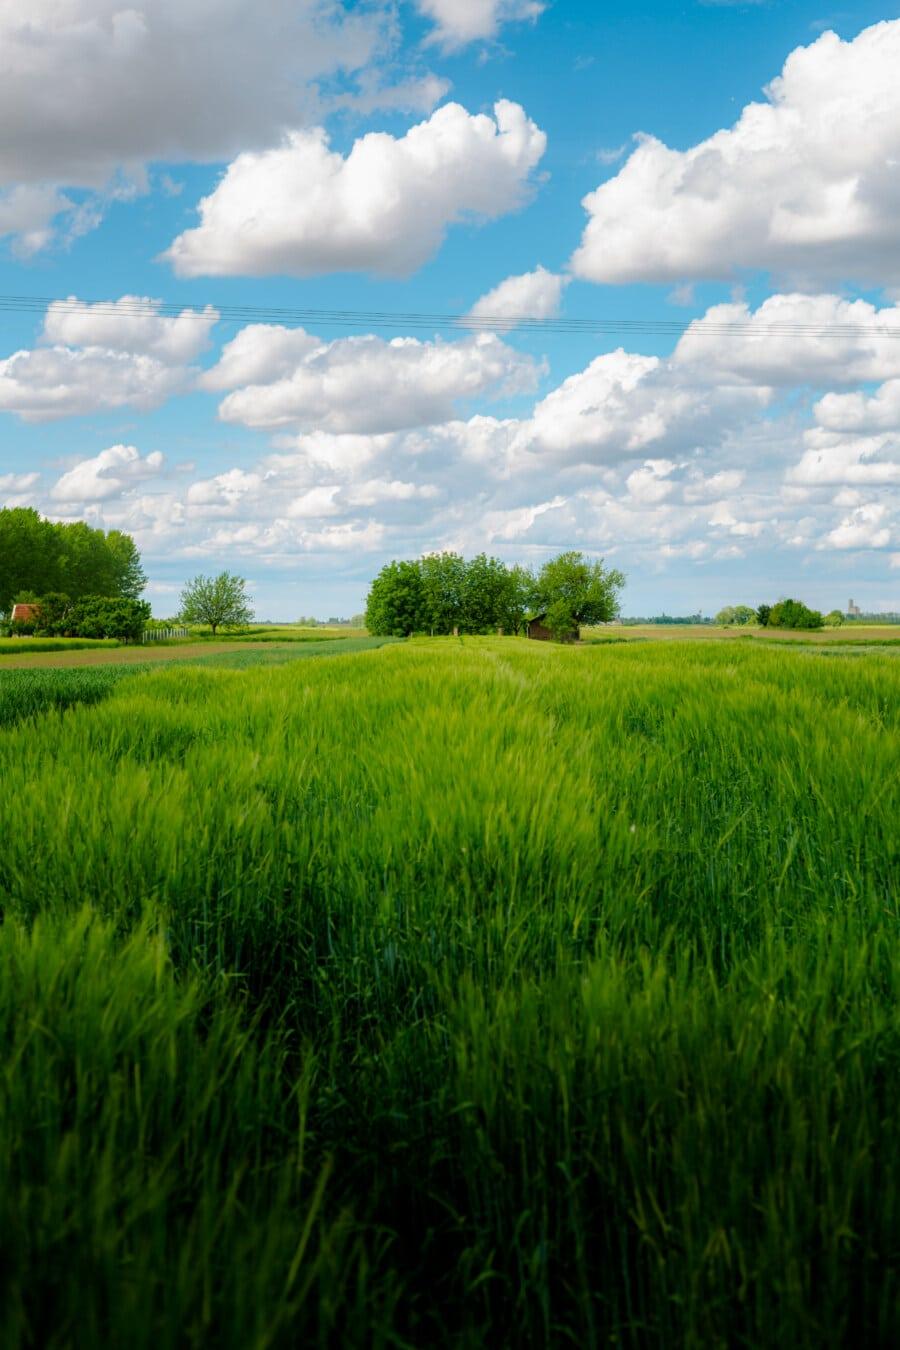 잔디, wheatfield, 농지, 농가, 농업, 농업, 풍경, 곡물, 잔디, 필드